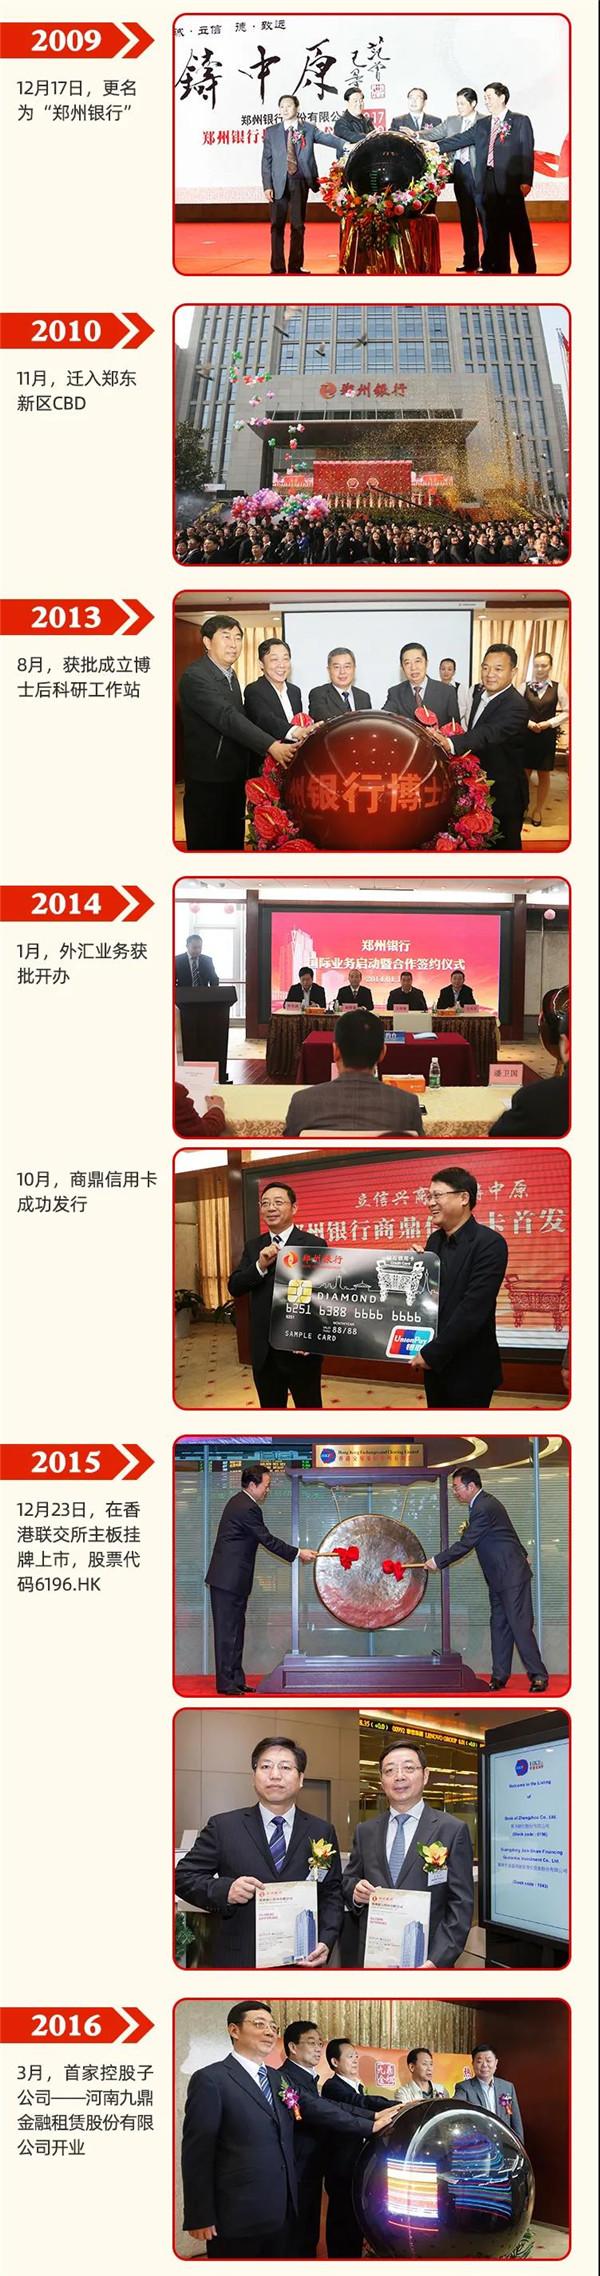 20210413郑州银行一图知郑银-2.jpg